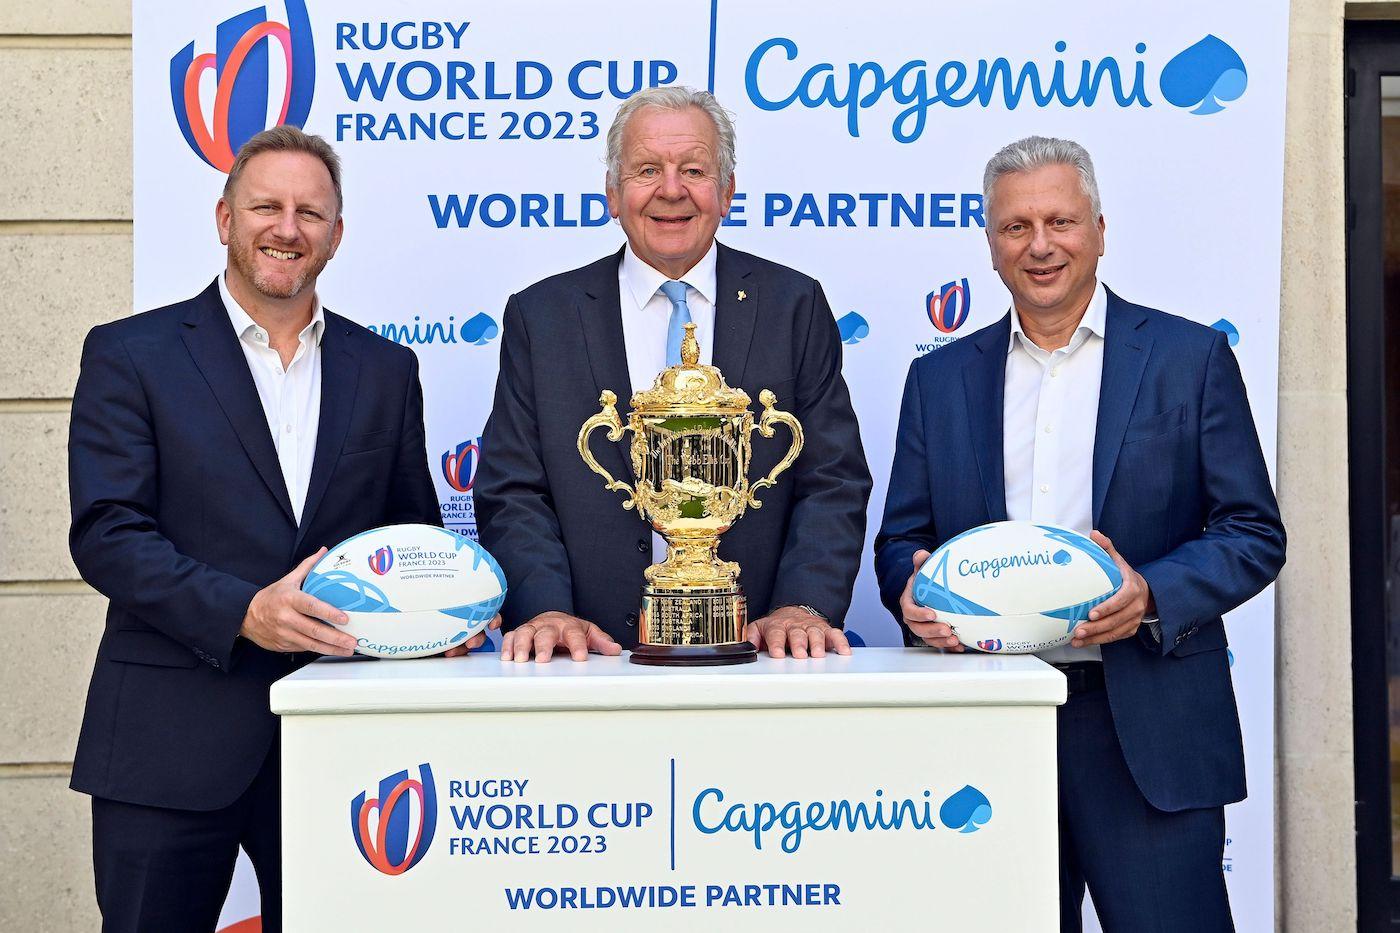 World Rugby and Capgemini